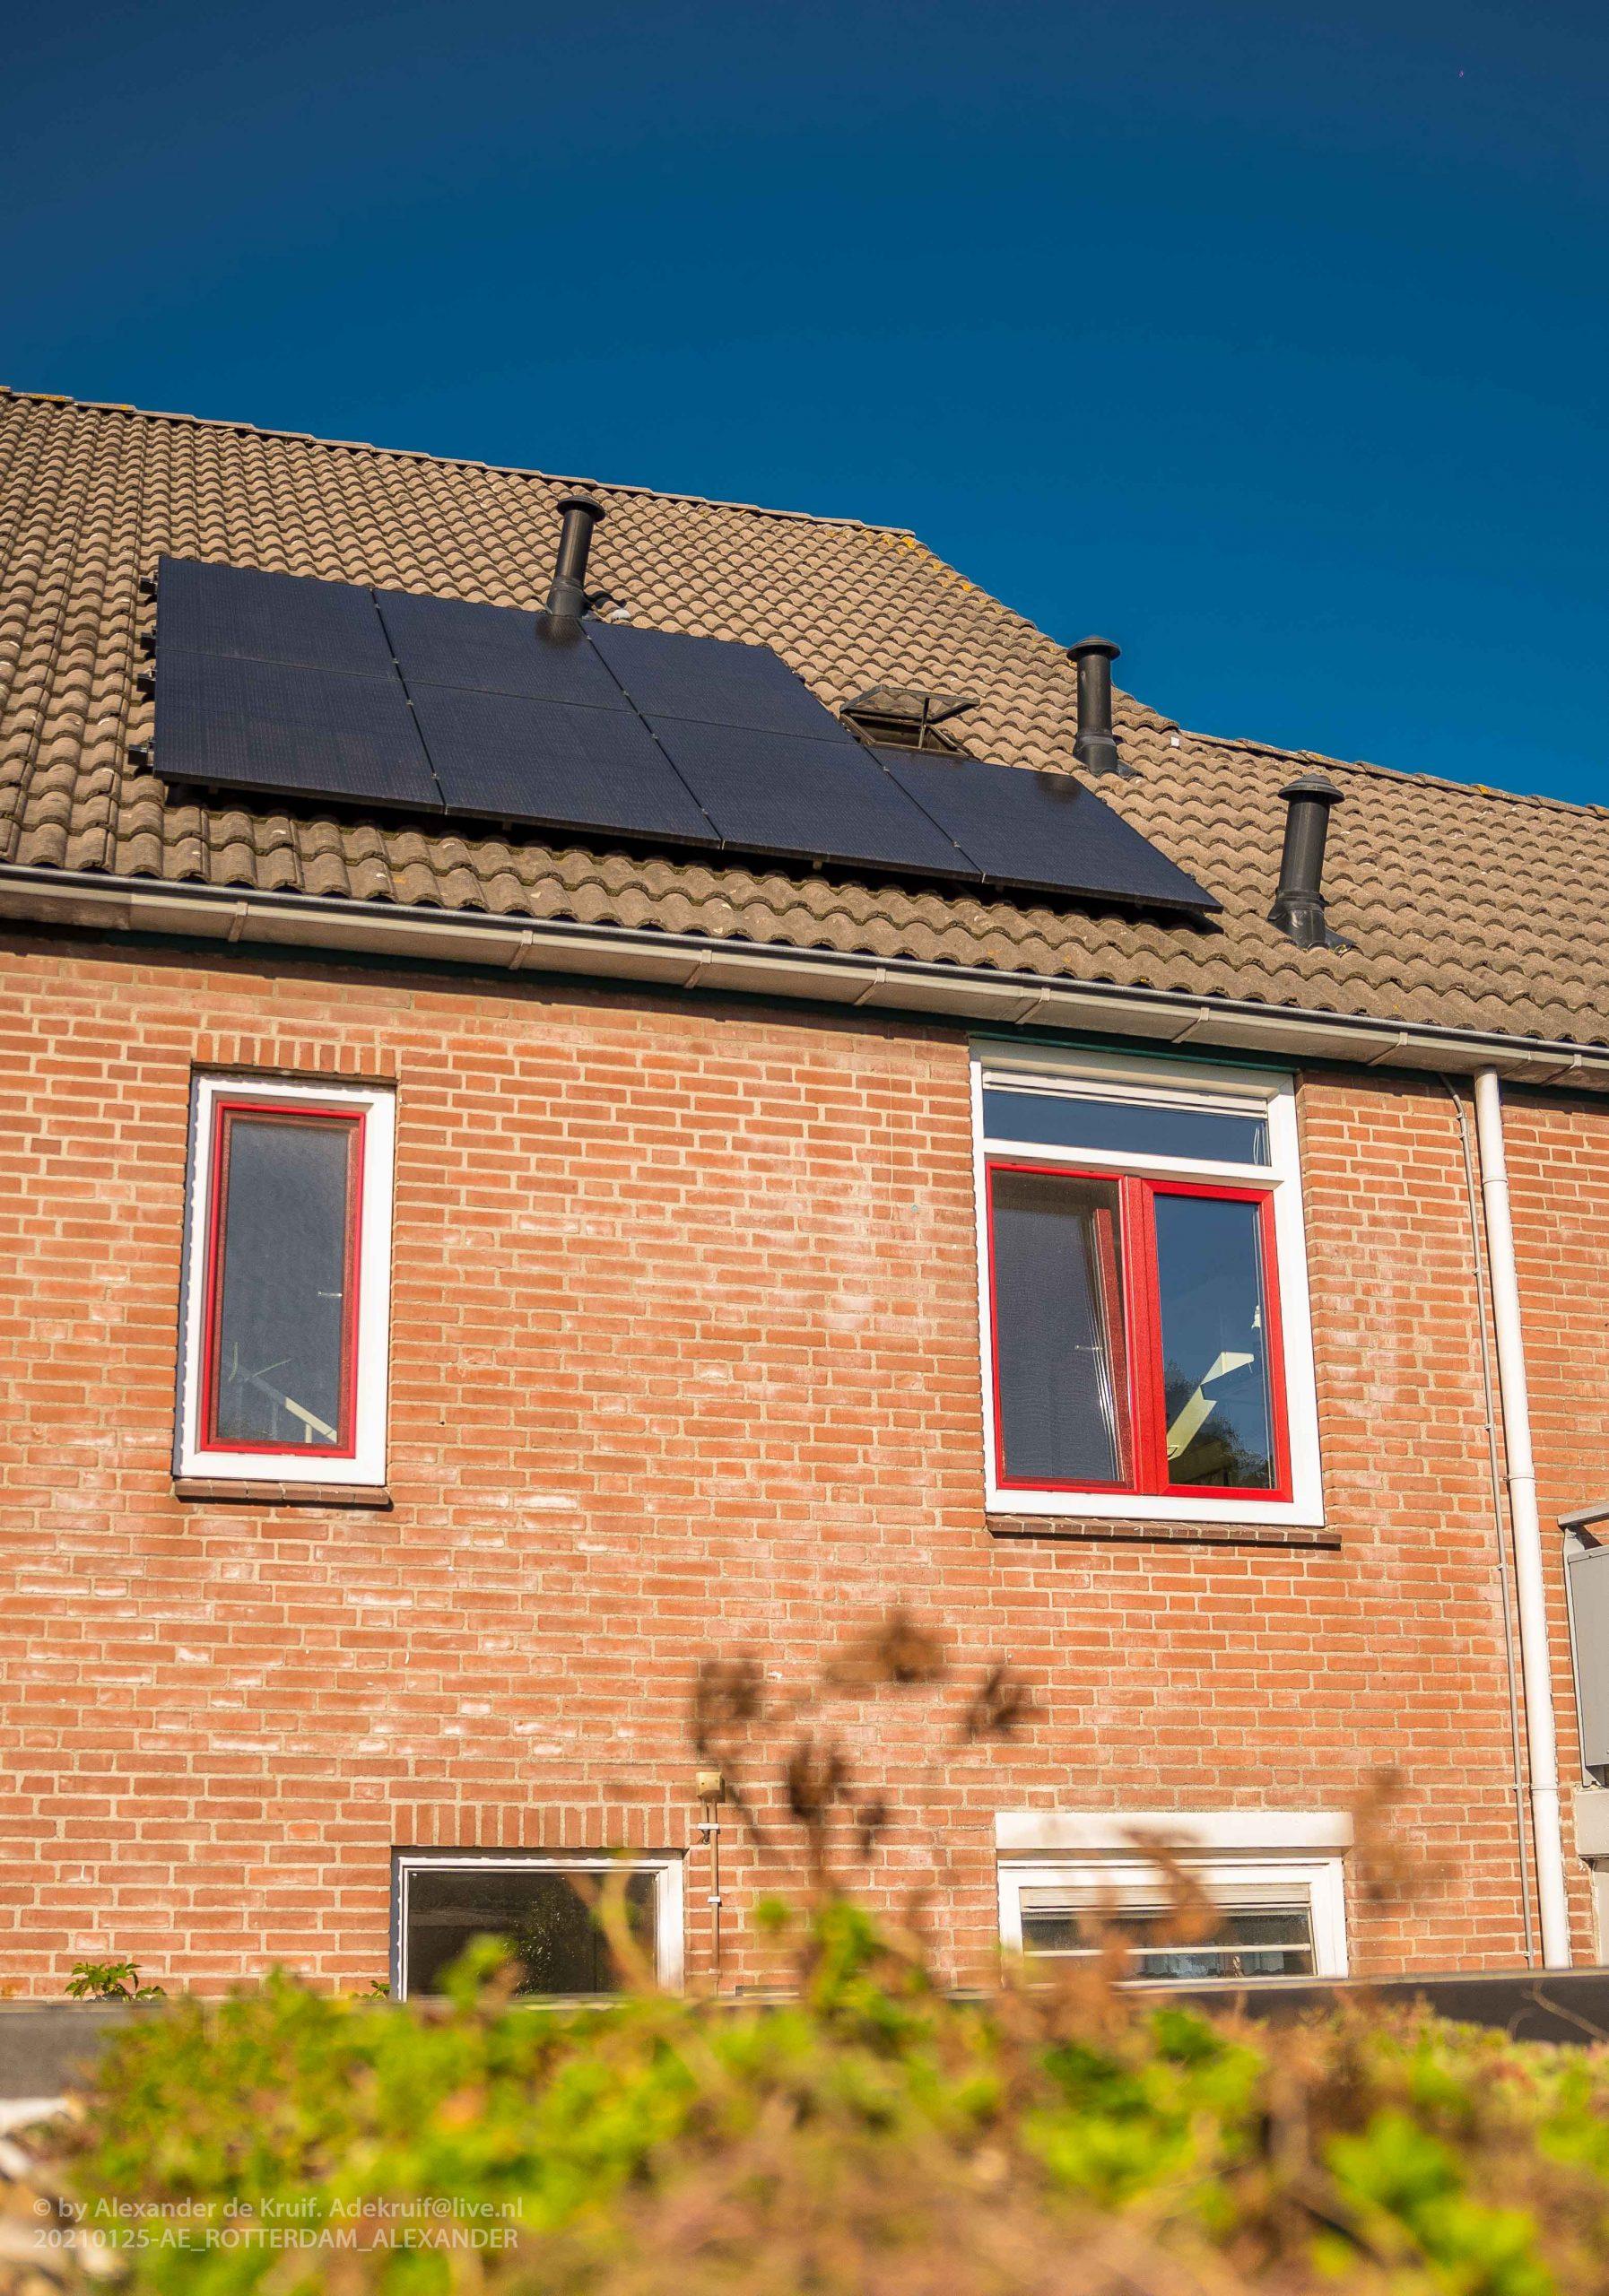 zonnepanelen, groen sedumdak en tripple HR+++ glas, kunststof kozijn Hollands profiel